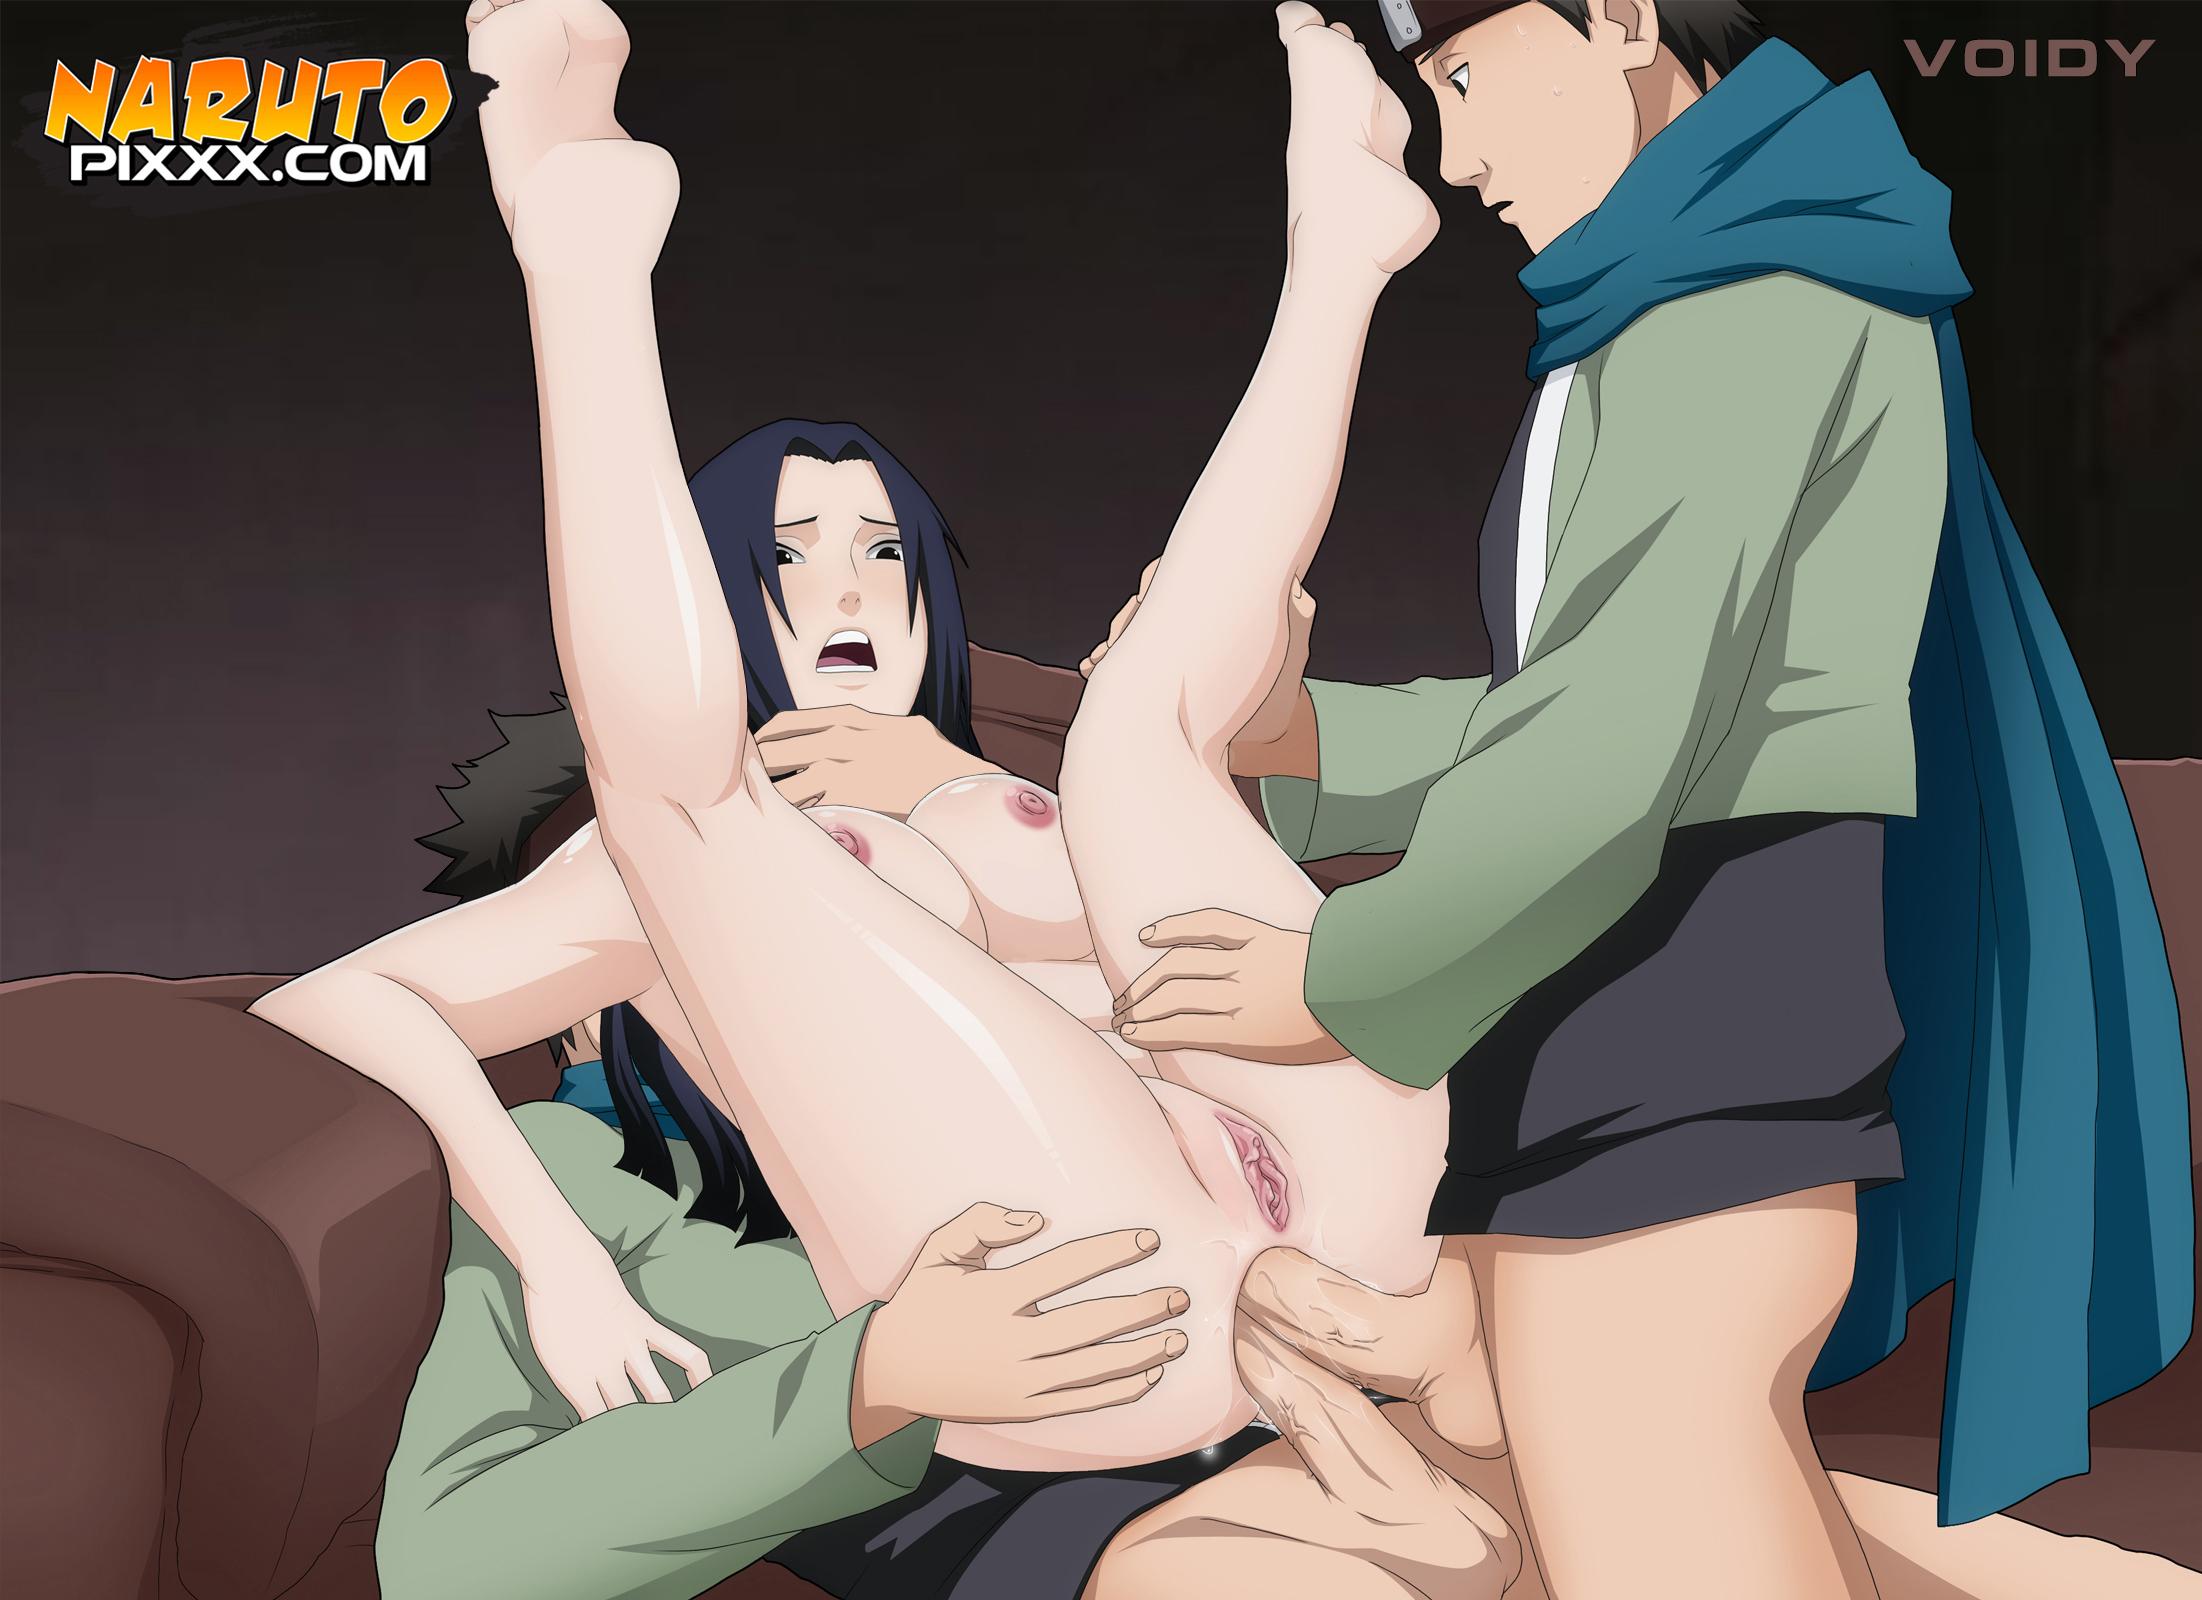 Naruto shippuden xxx bd consider